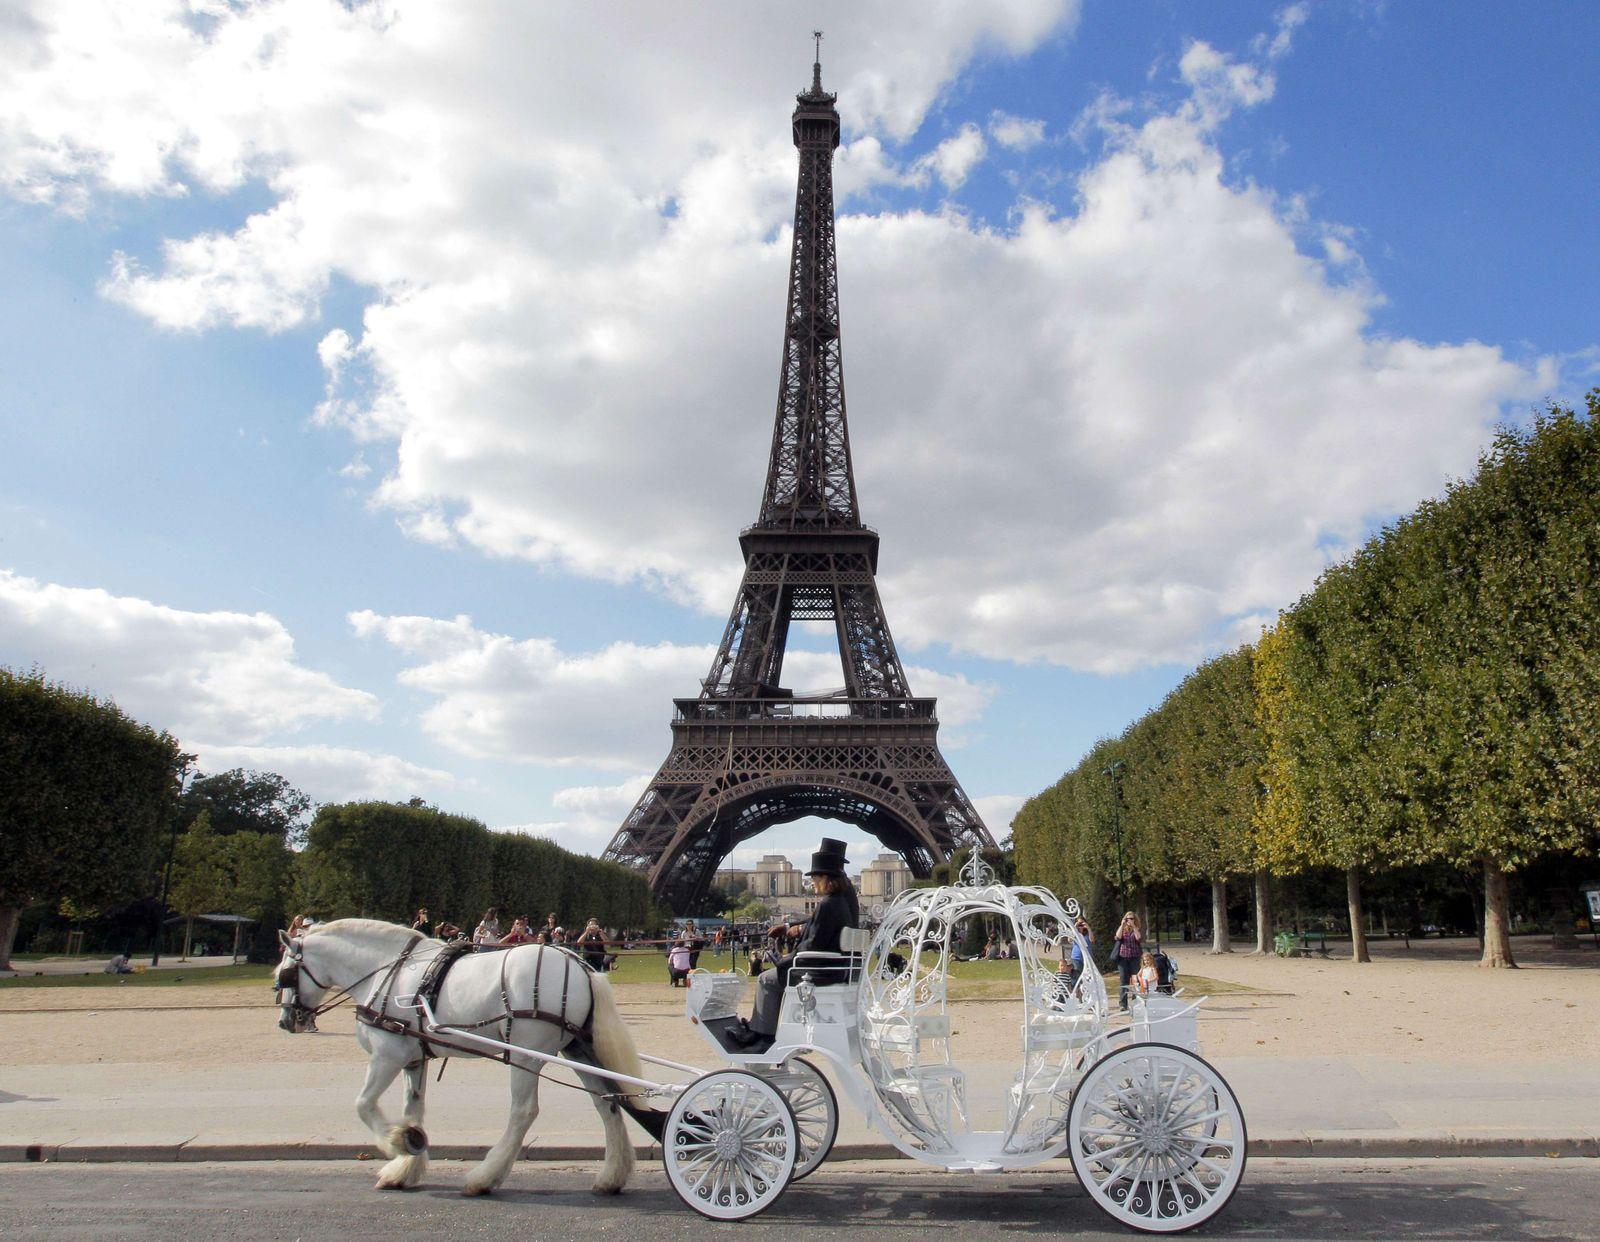 Städtetrip/ Paris/ Abgeordneten-Reisen/ Eiffelturm